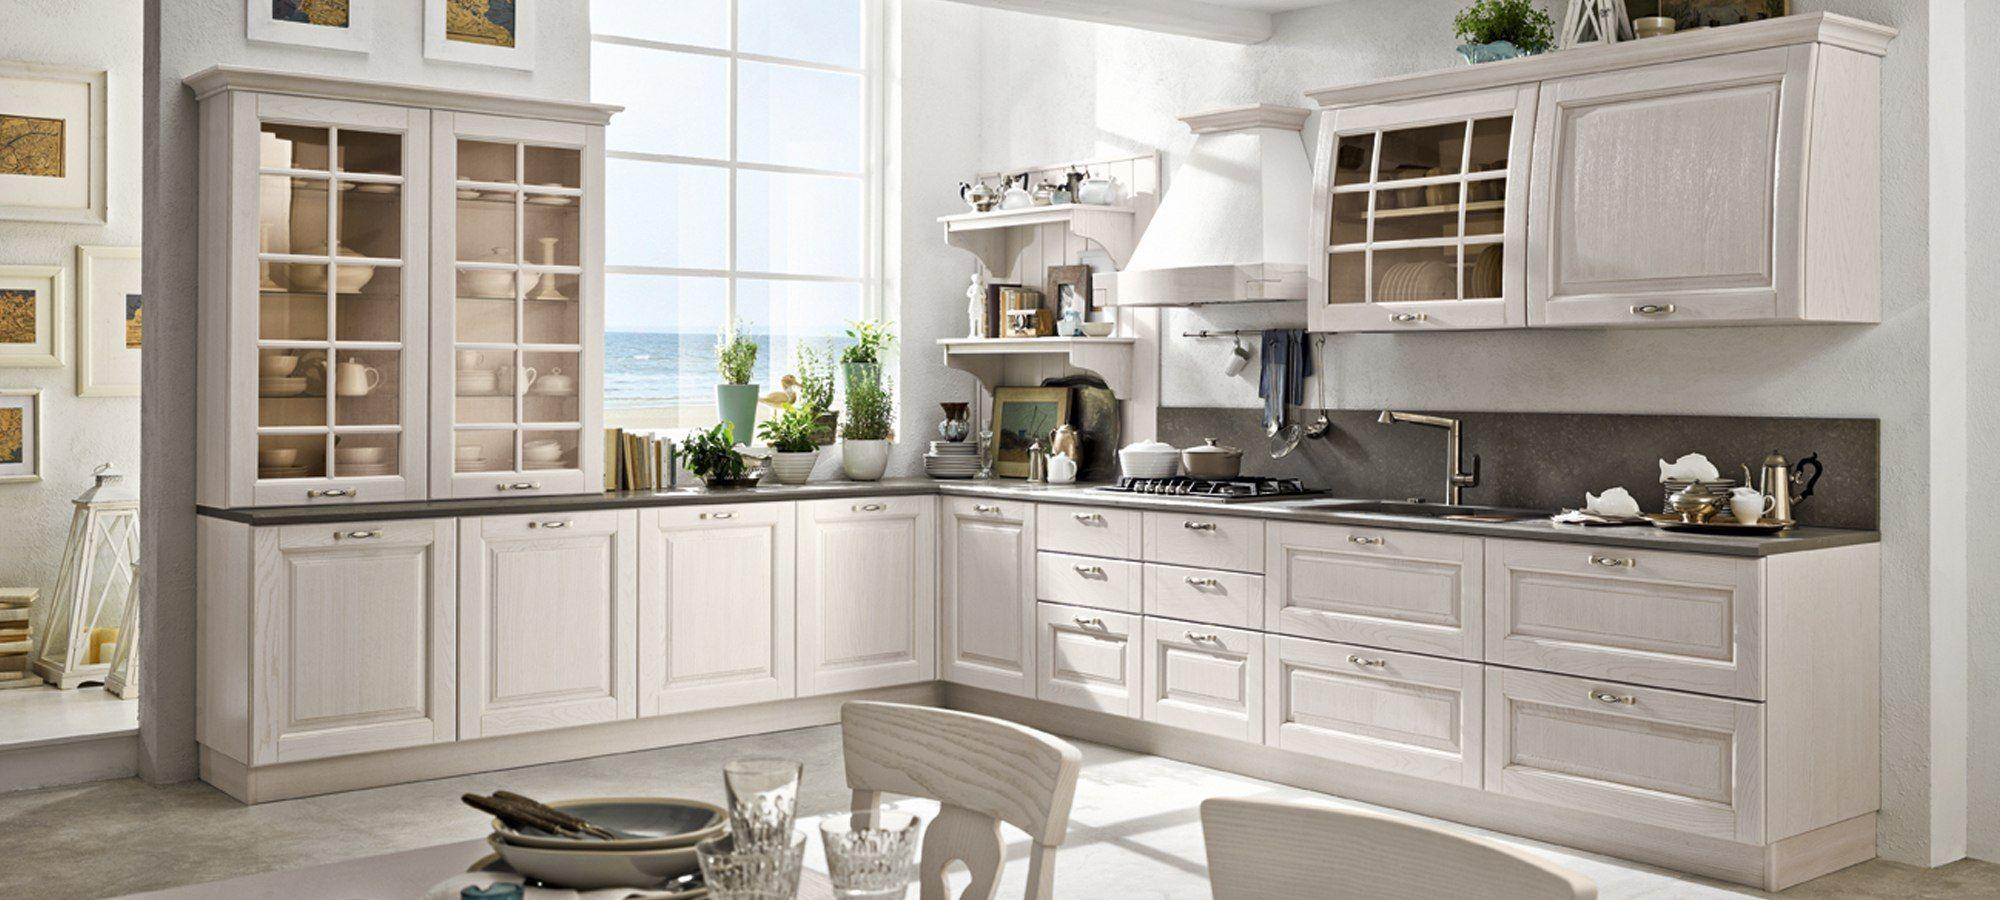 cucine stosa classiche - modello cucina bolgheri 08 | Bucătărie